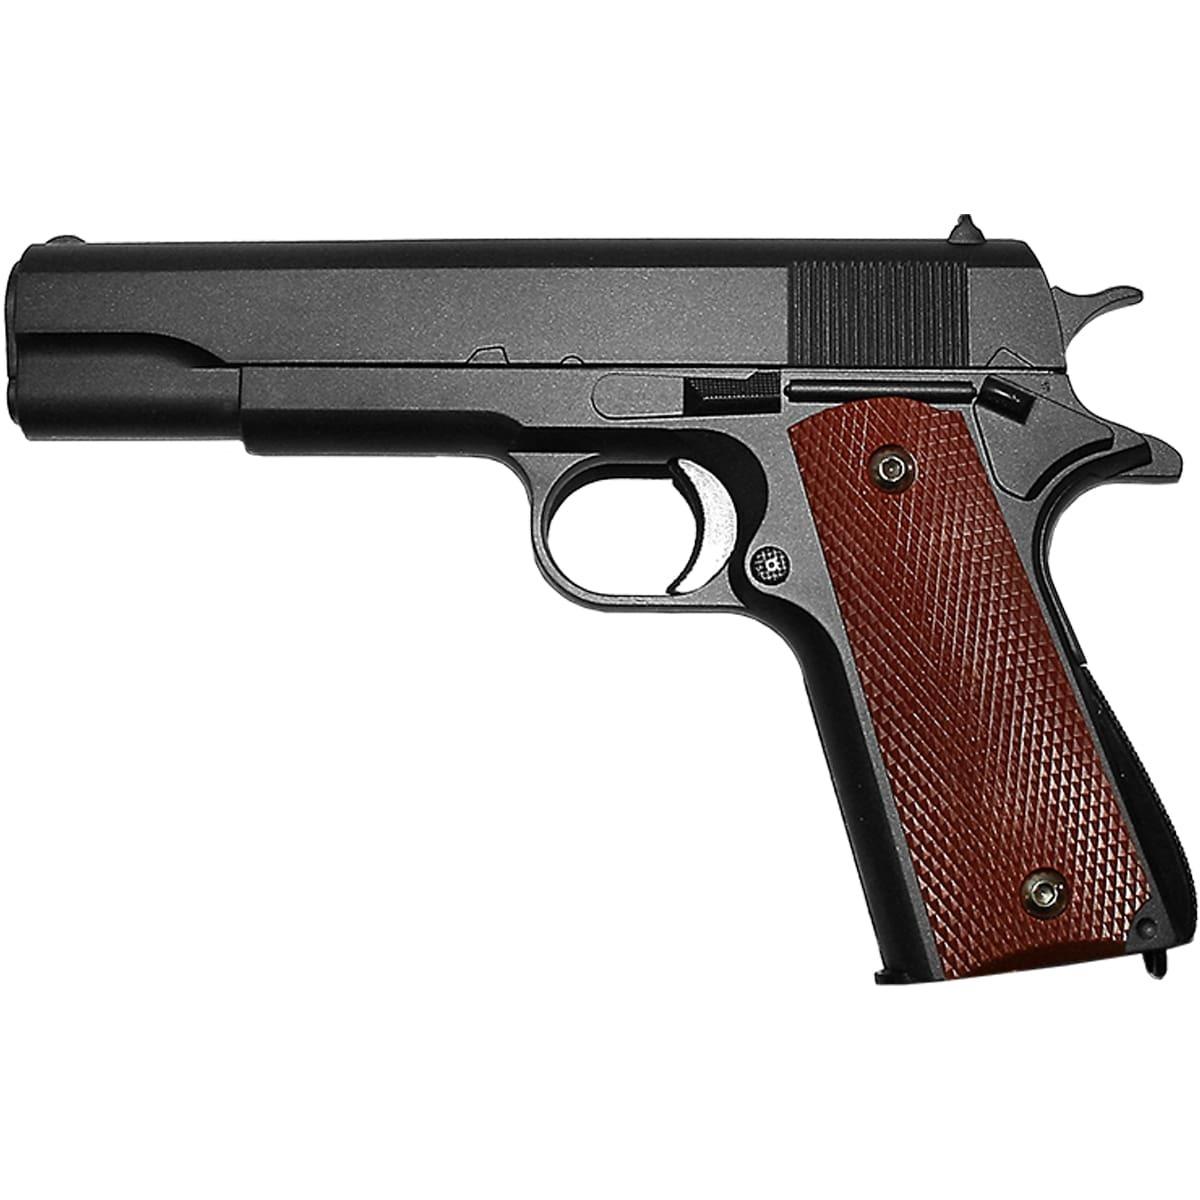 Пистолет GALAXY пневматический страйкбольный Colt 1911 Classic black магазин 12 шт калибр 6 мм